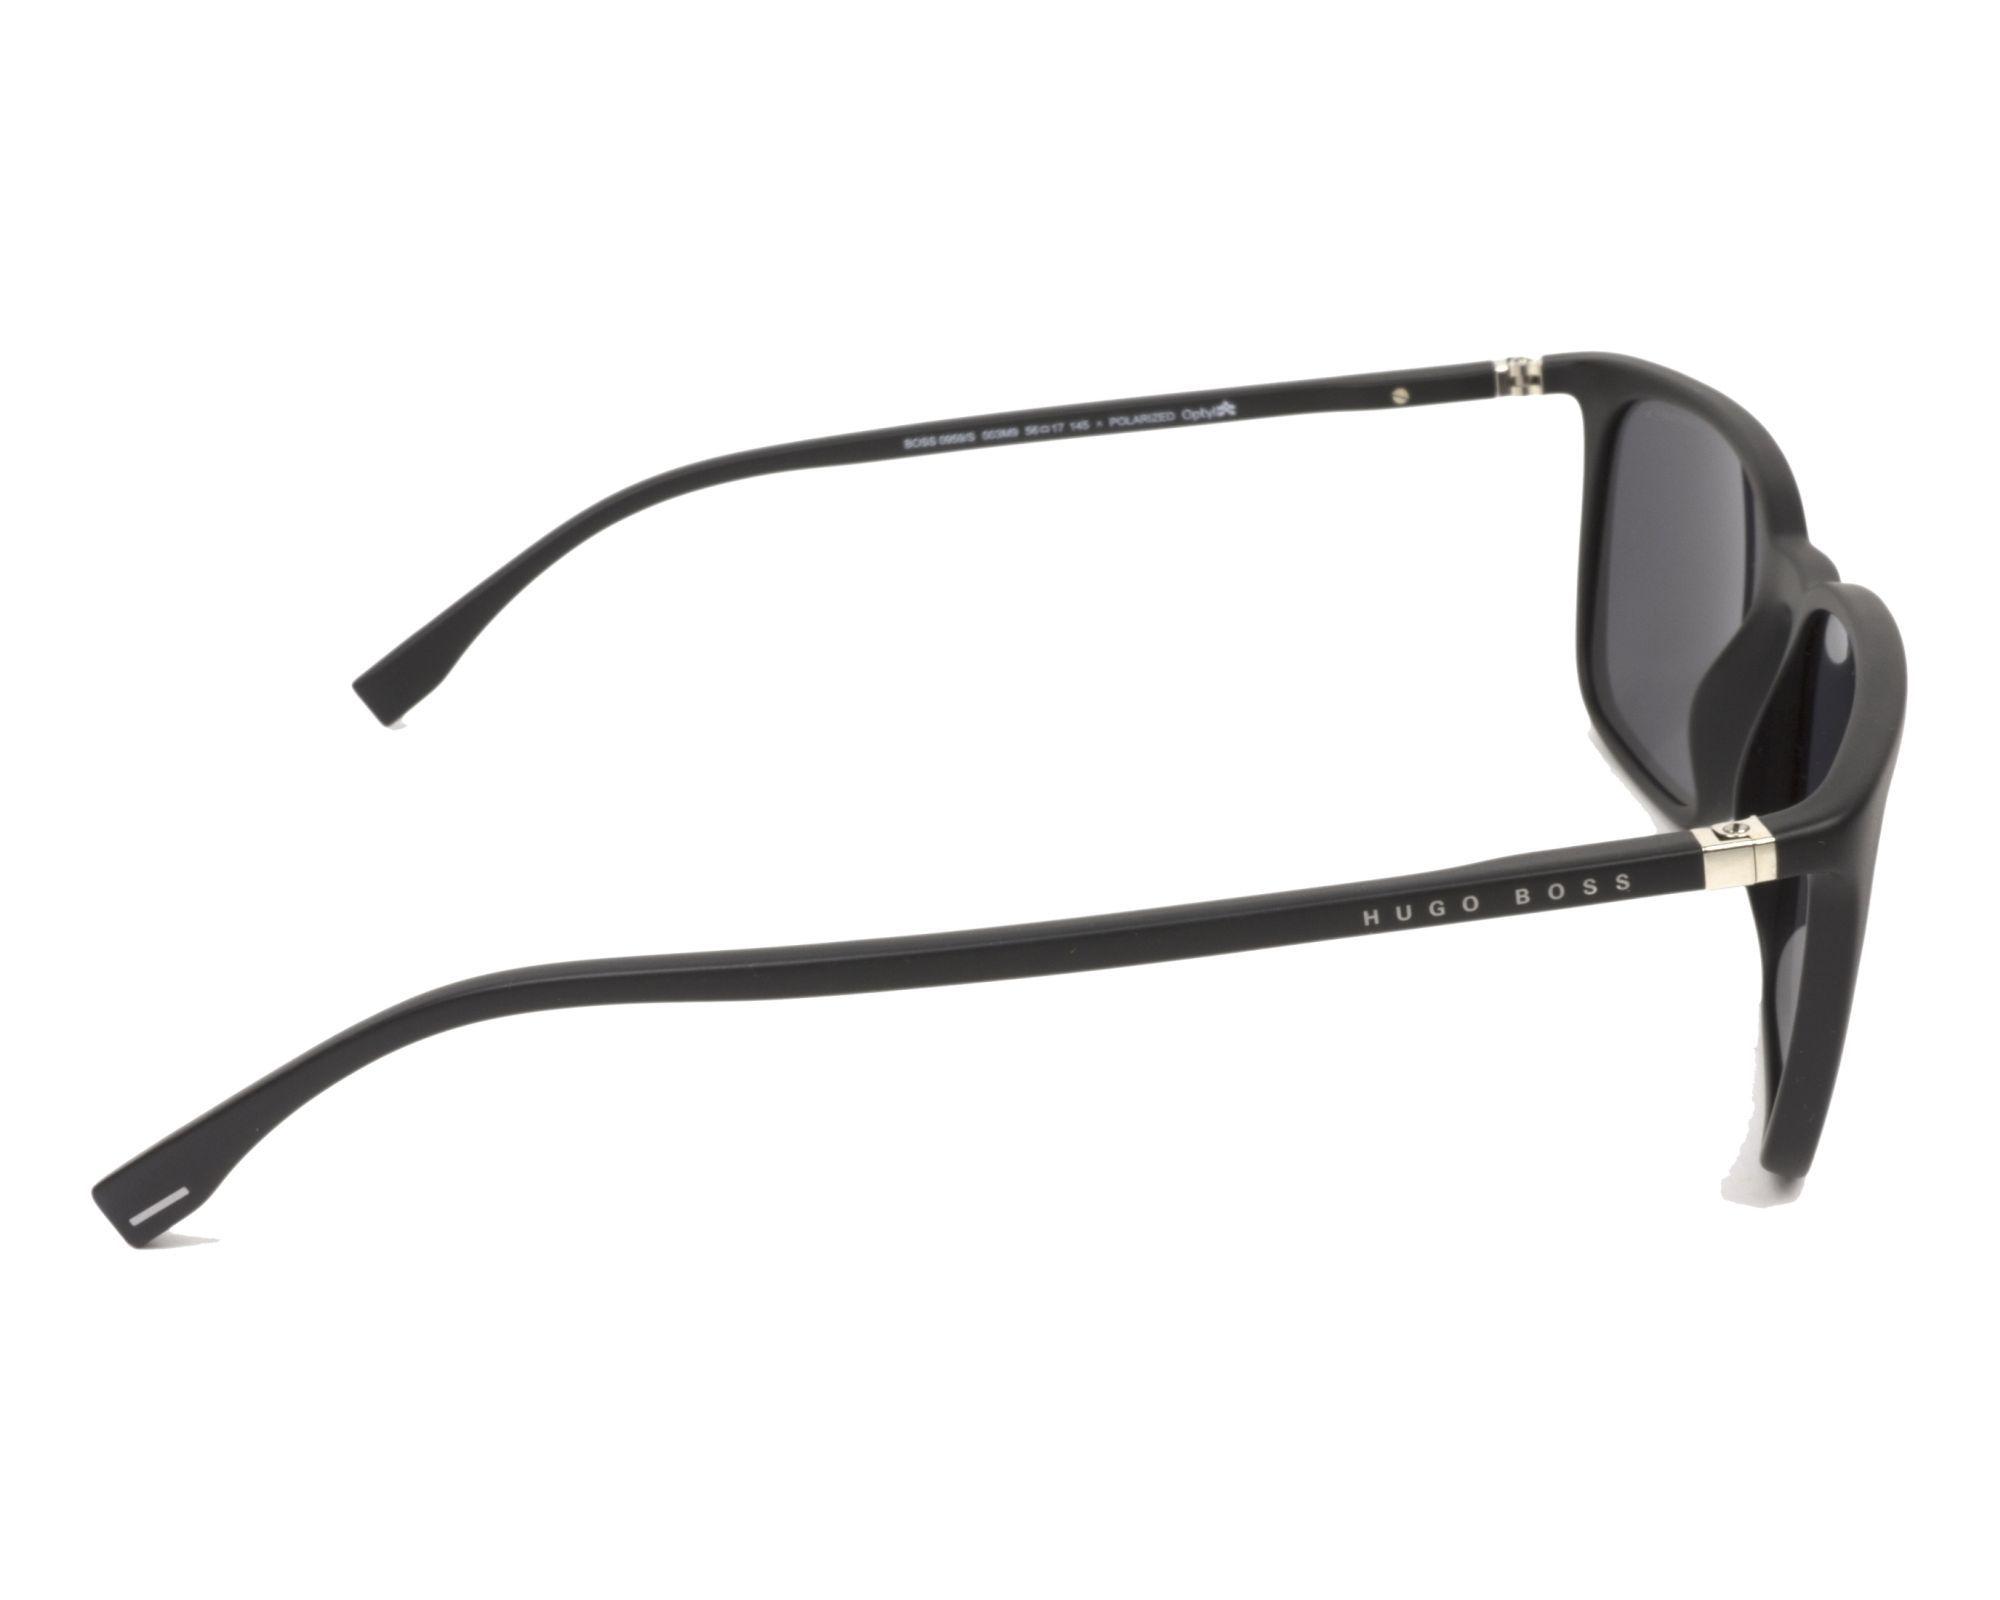 5006aeb49a218 Óculos de Sol Hugo Boss Masculino 0959 S 003M9 - Omega Ótica e ...